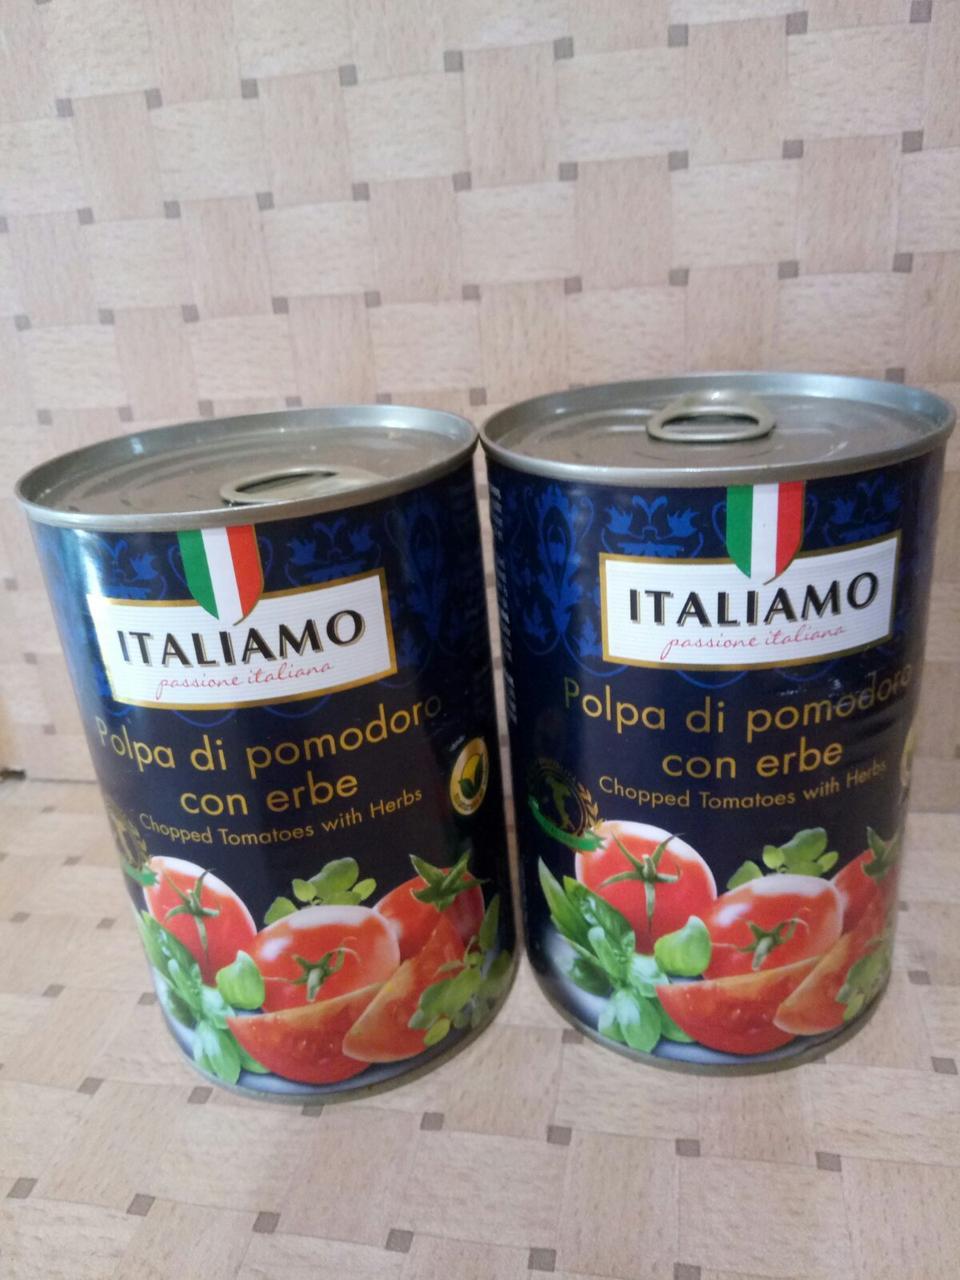 Томаты в собственном соку с зеленью Italiamo, 400 г (Италия)